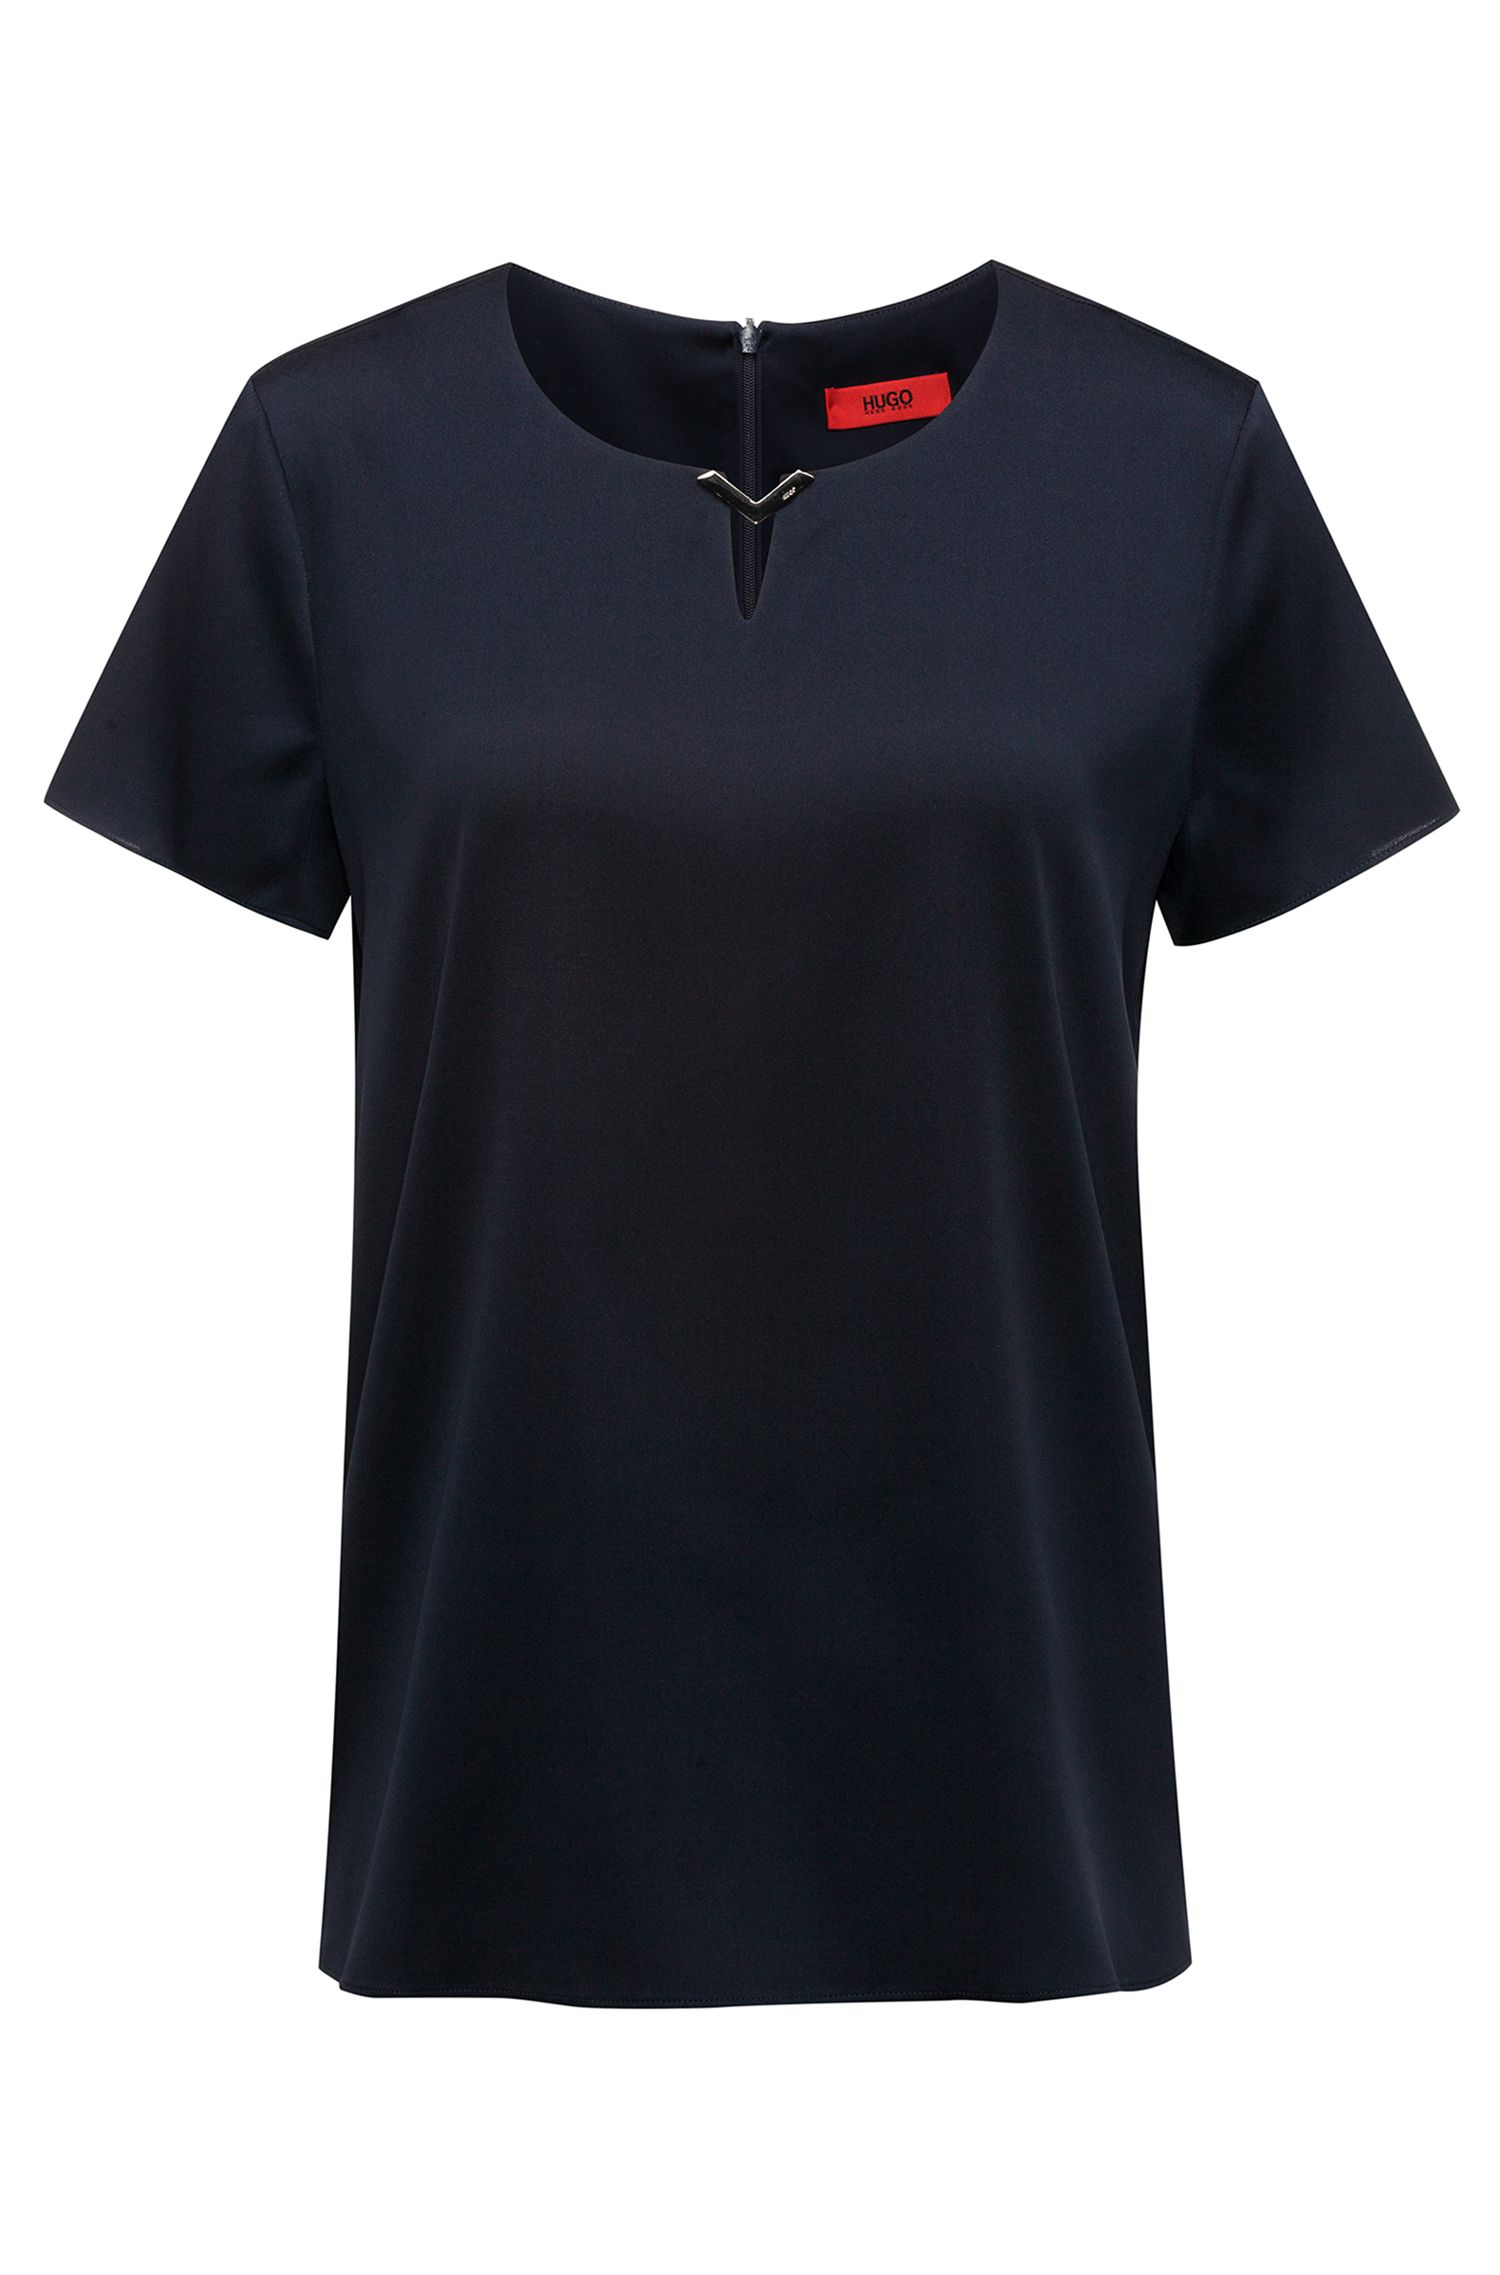 Top en soie stretch avec logo gravé à l'encolure, Bleu foncé